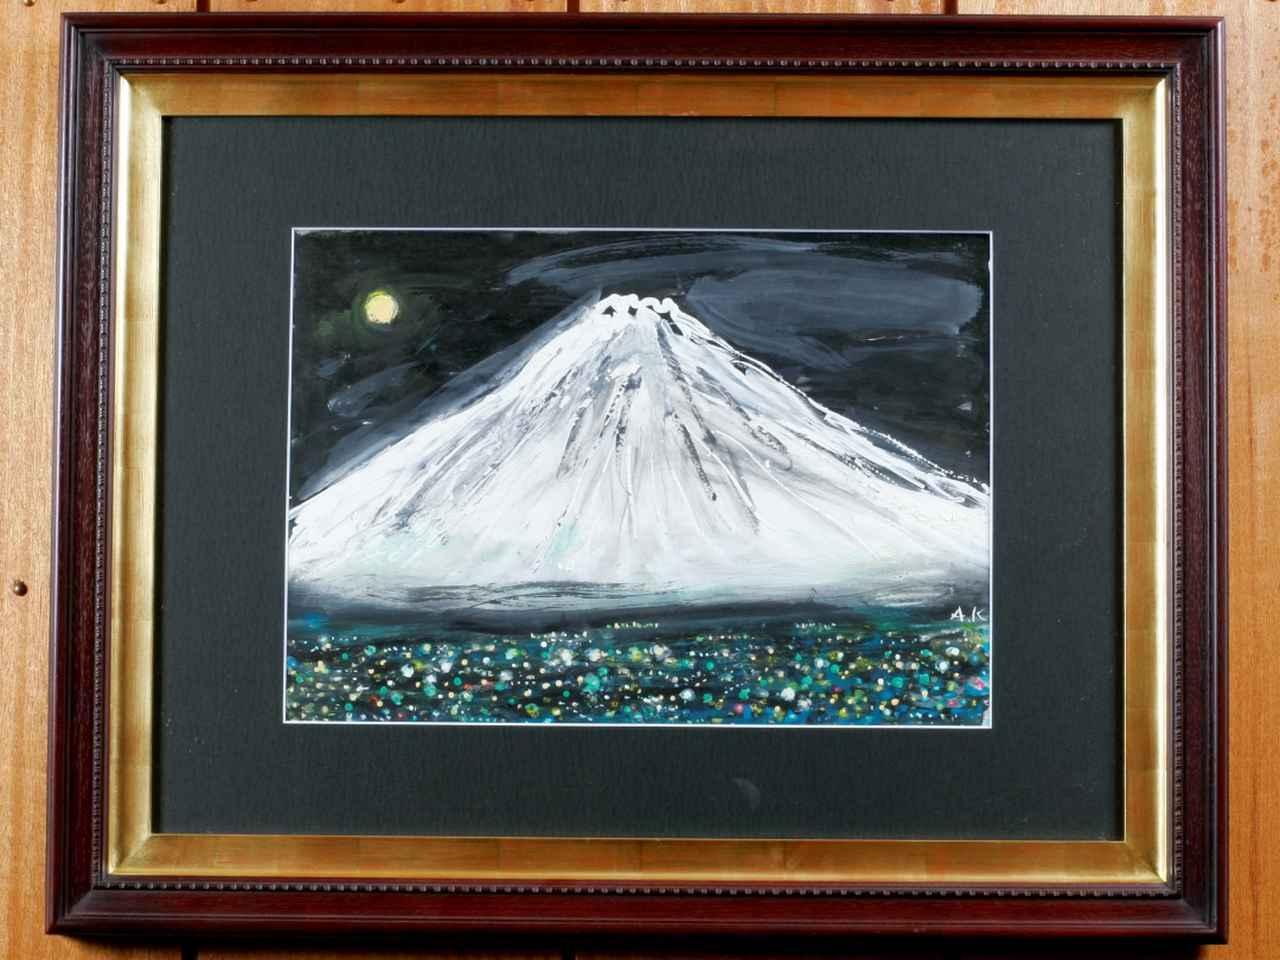 画像: ハウス内に飾られている、黒澤明監督が描いた富士山の絵画